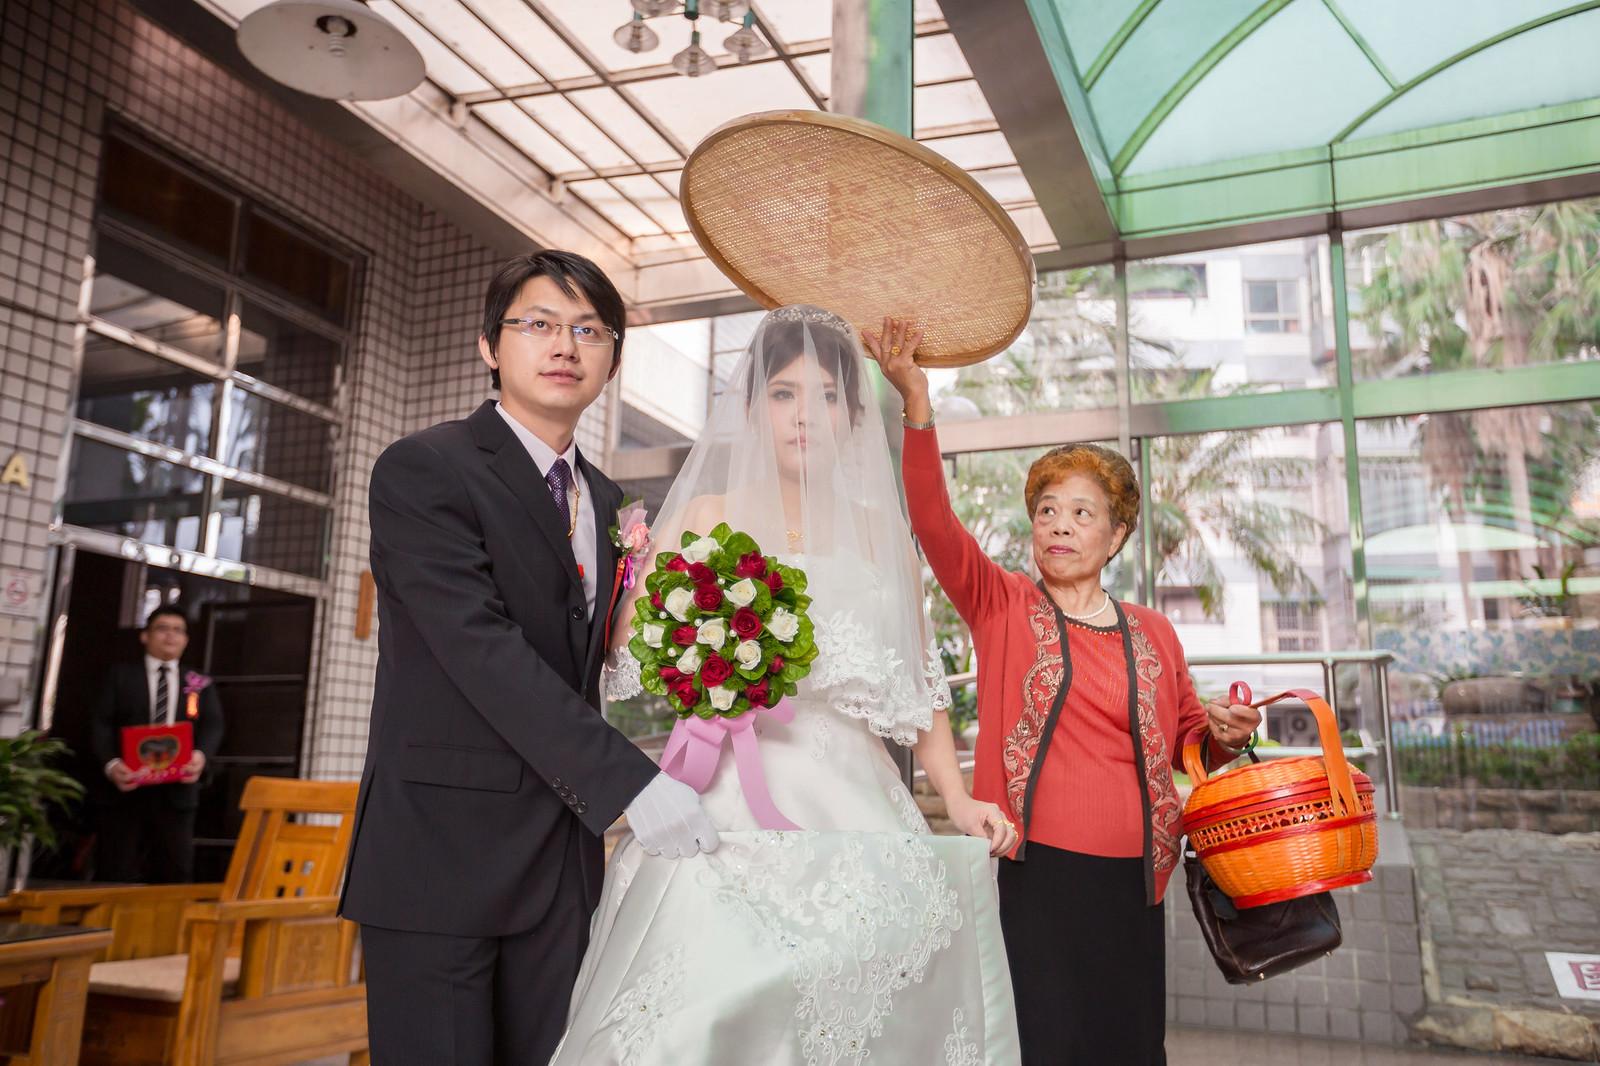 結婚儀式精選-158